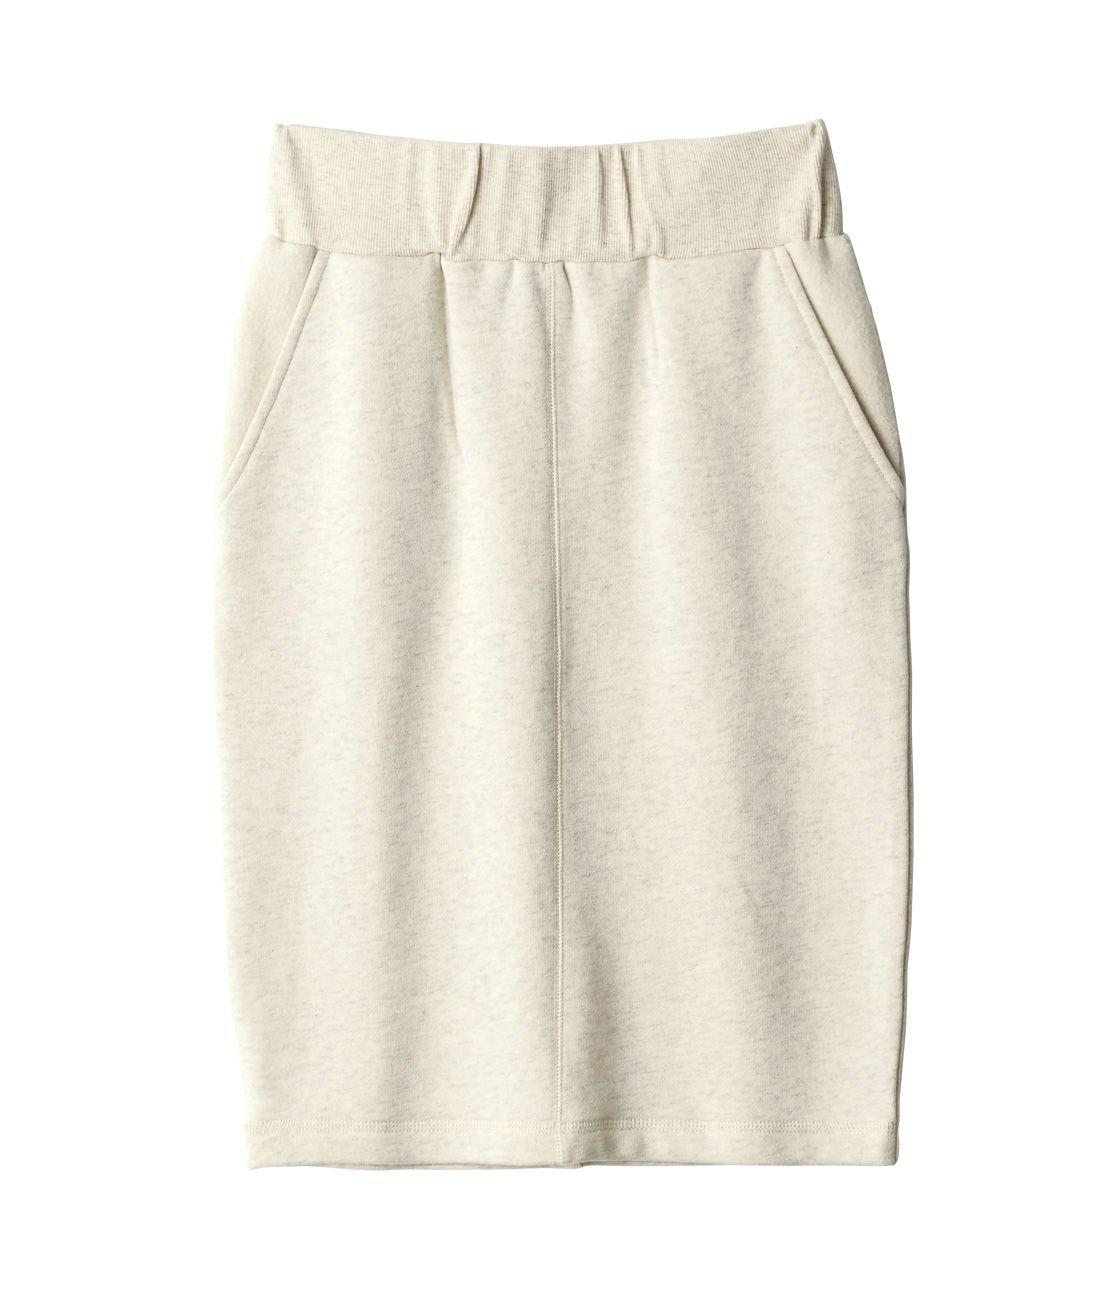 Skin side manure around wool lining fur pencil skirt